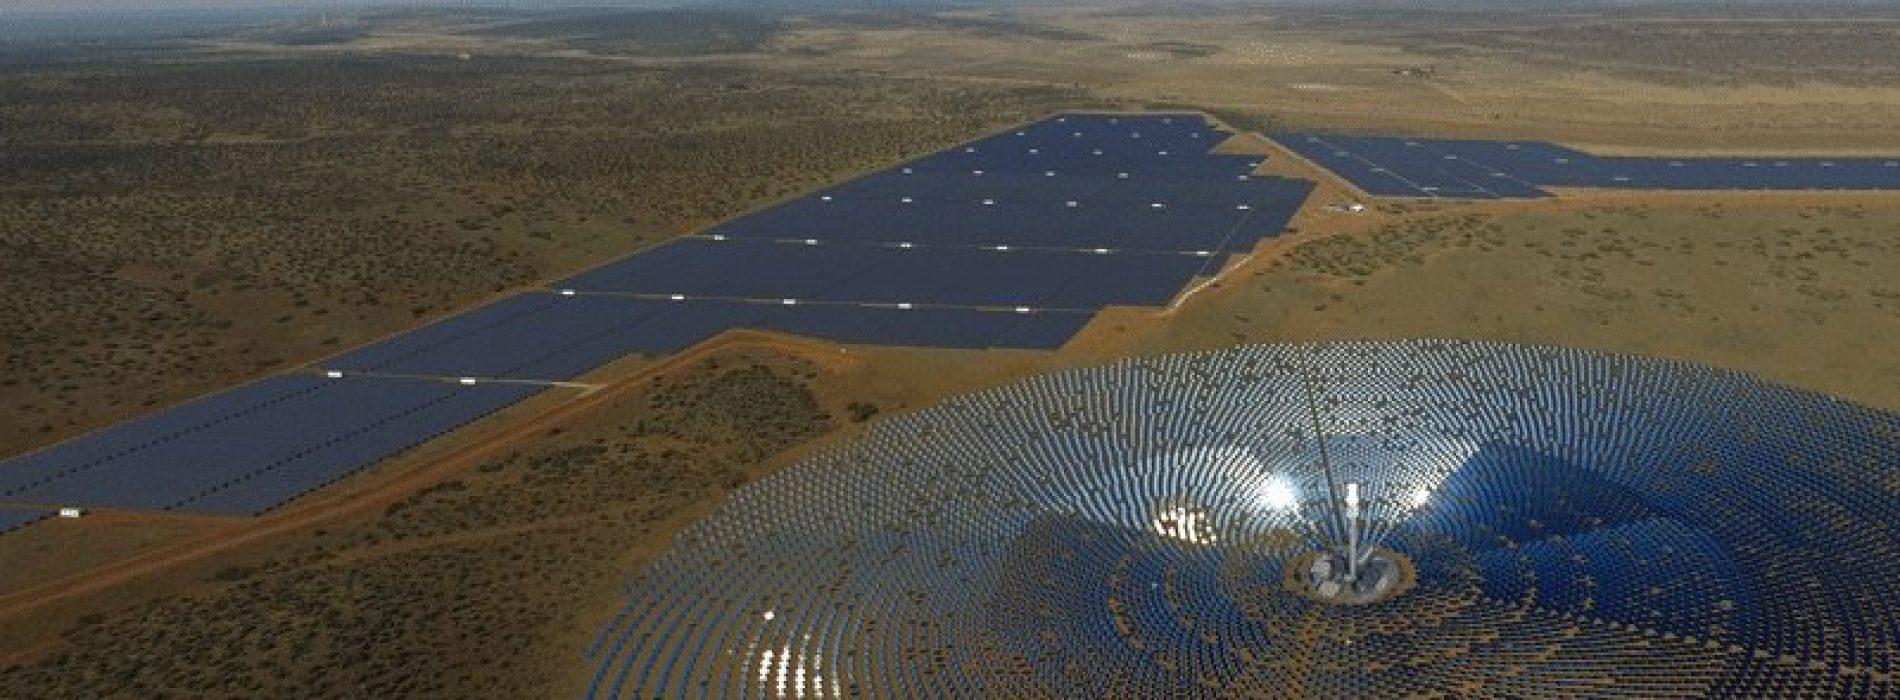 Sud Africa: Acwa Power raccoglie 498 milioni di dollari per il suo impianto solare a concentrazione Redstone